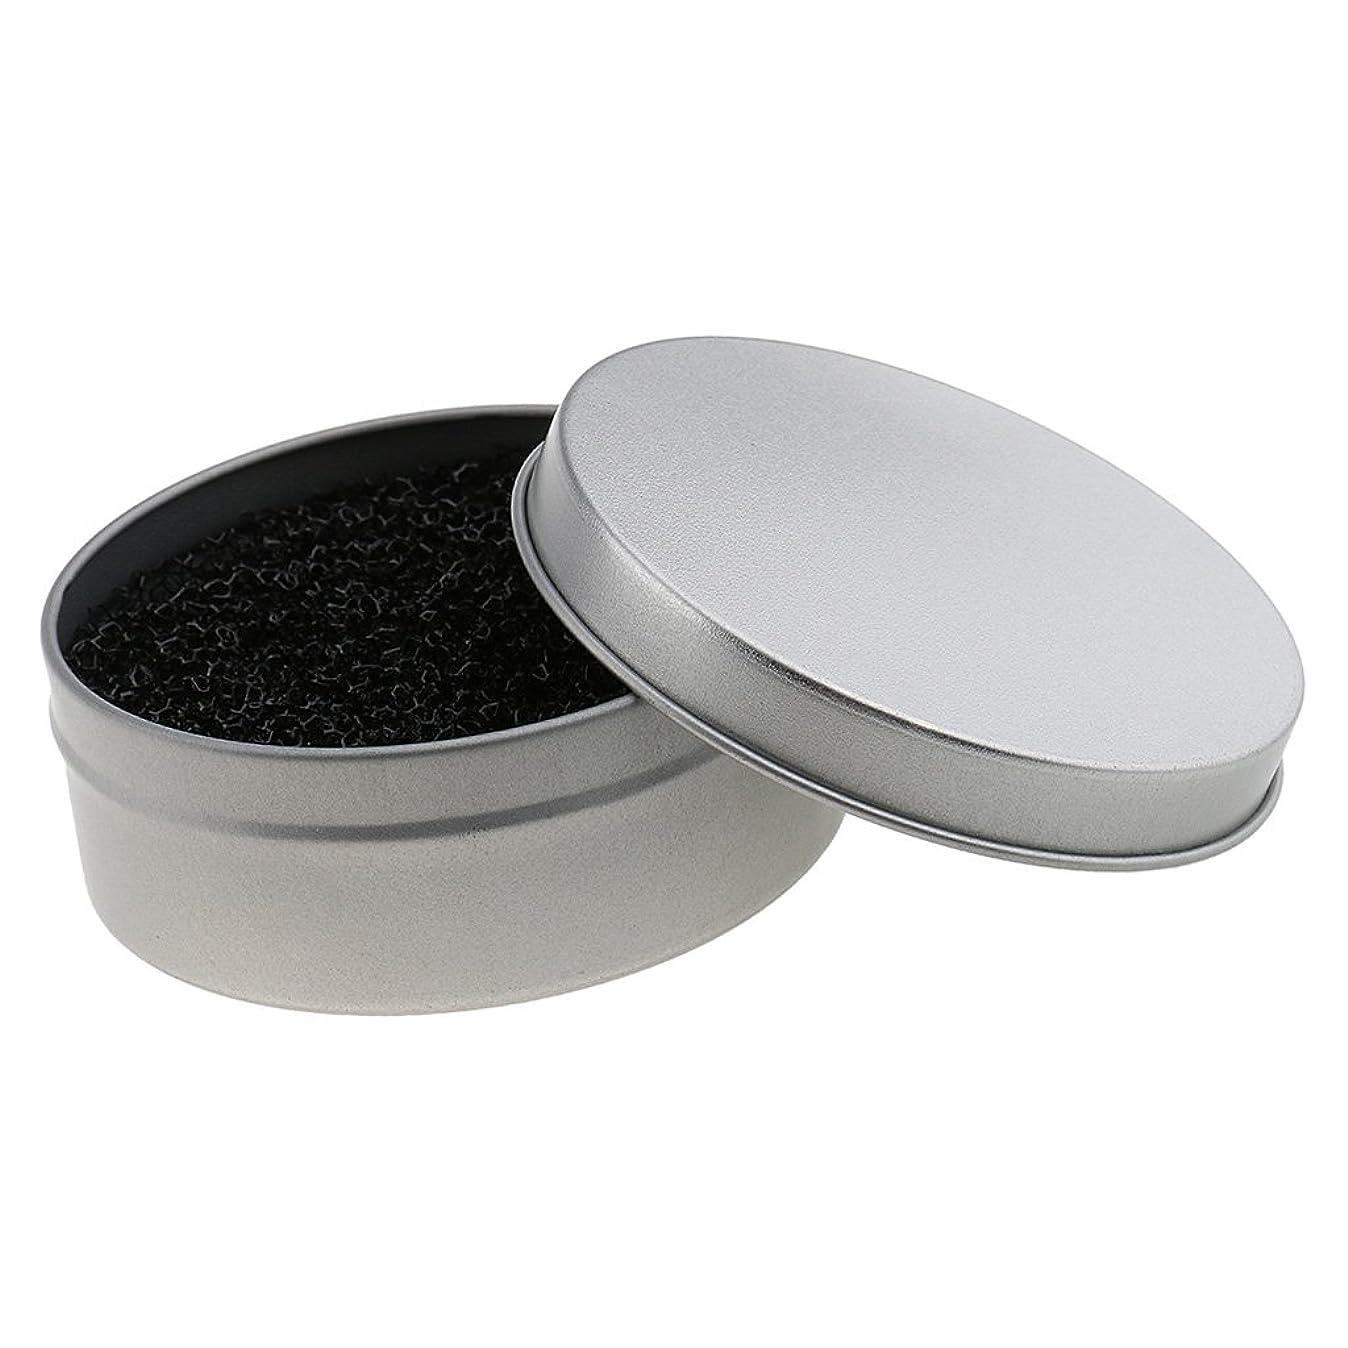 引き出し厳密にパトロンDYNWAVE メイクブラシ クリーナー ブラッシュブラシ クリーニング スポンジ メタルボックス 全2色 - 銀